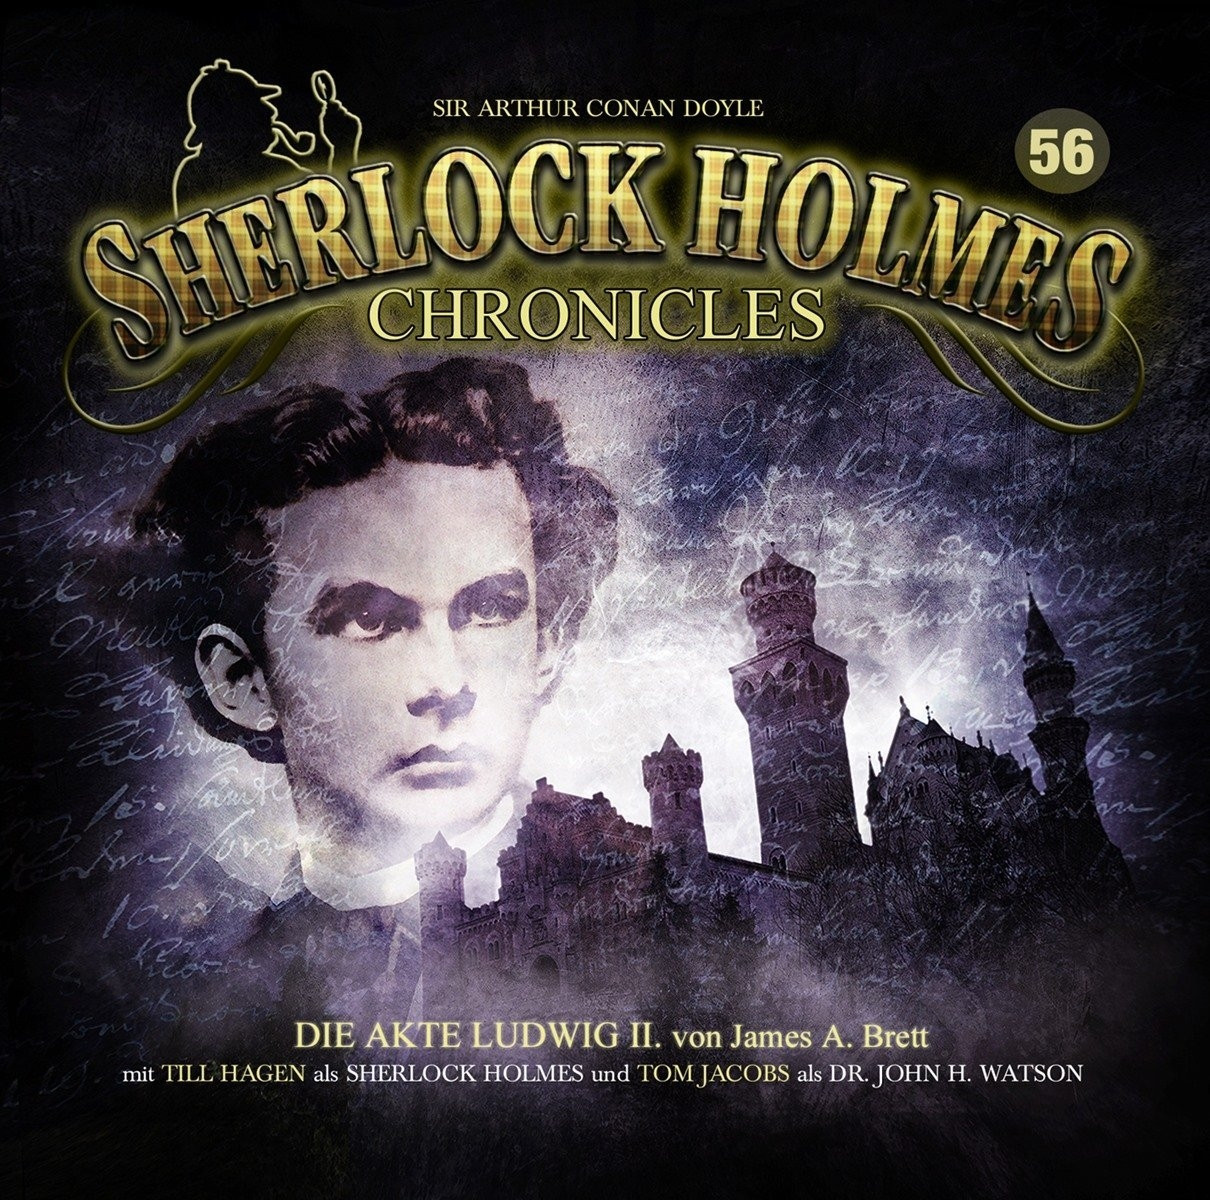 Sherlock Holmes Chronicles 56 Die Akte Ludwig II.